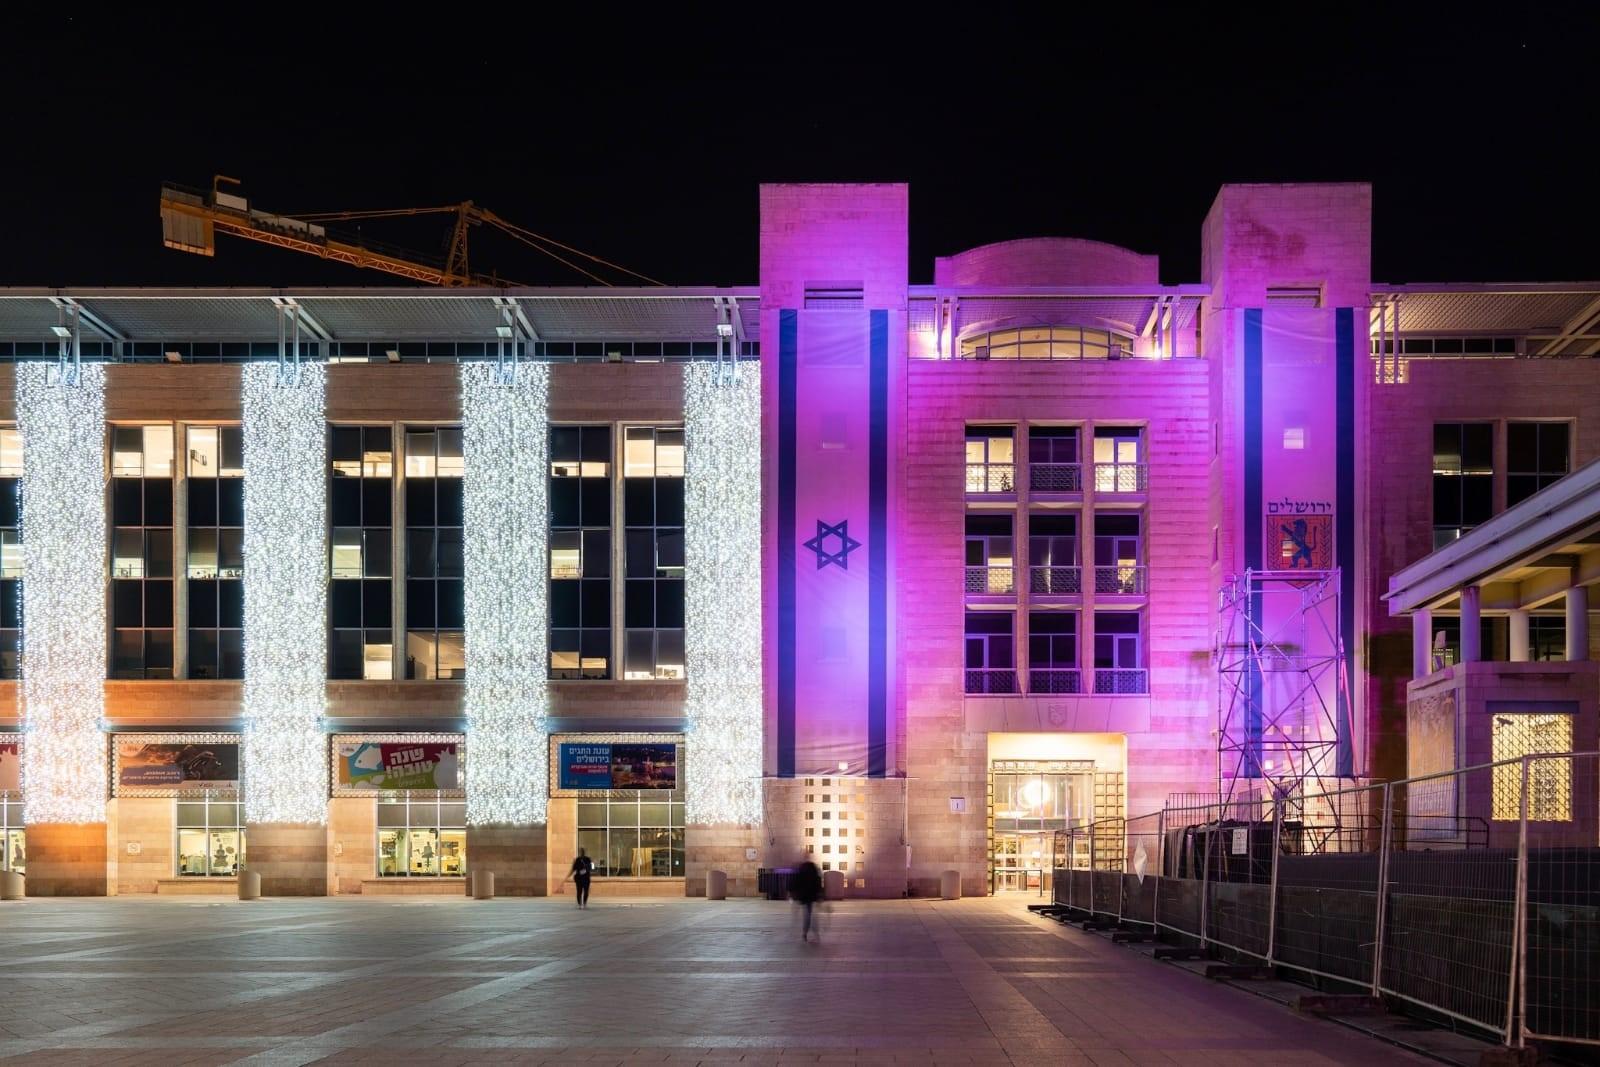 בניין עיריית ירושלים מואר בוורוד לרגל חודש המודעות לסרטן השד. צילום: נדב קורן